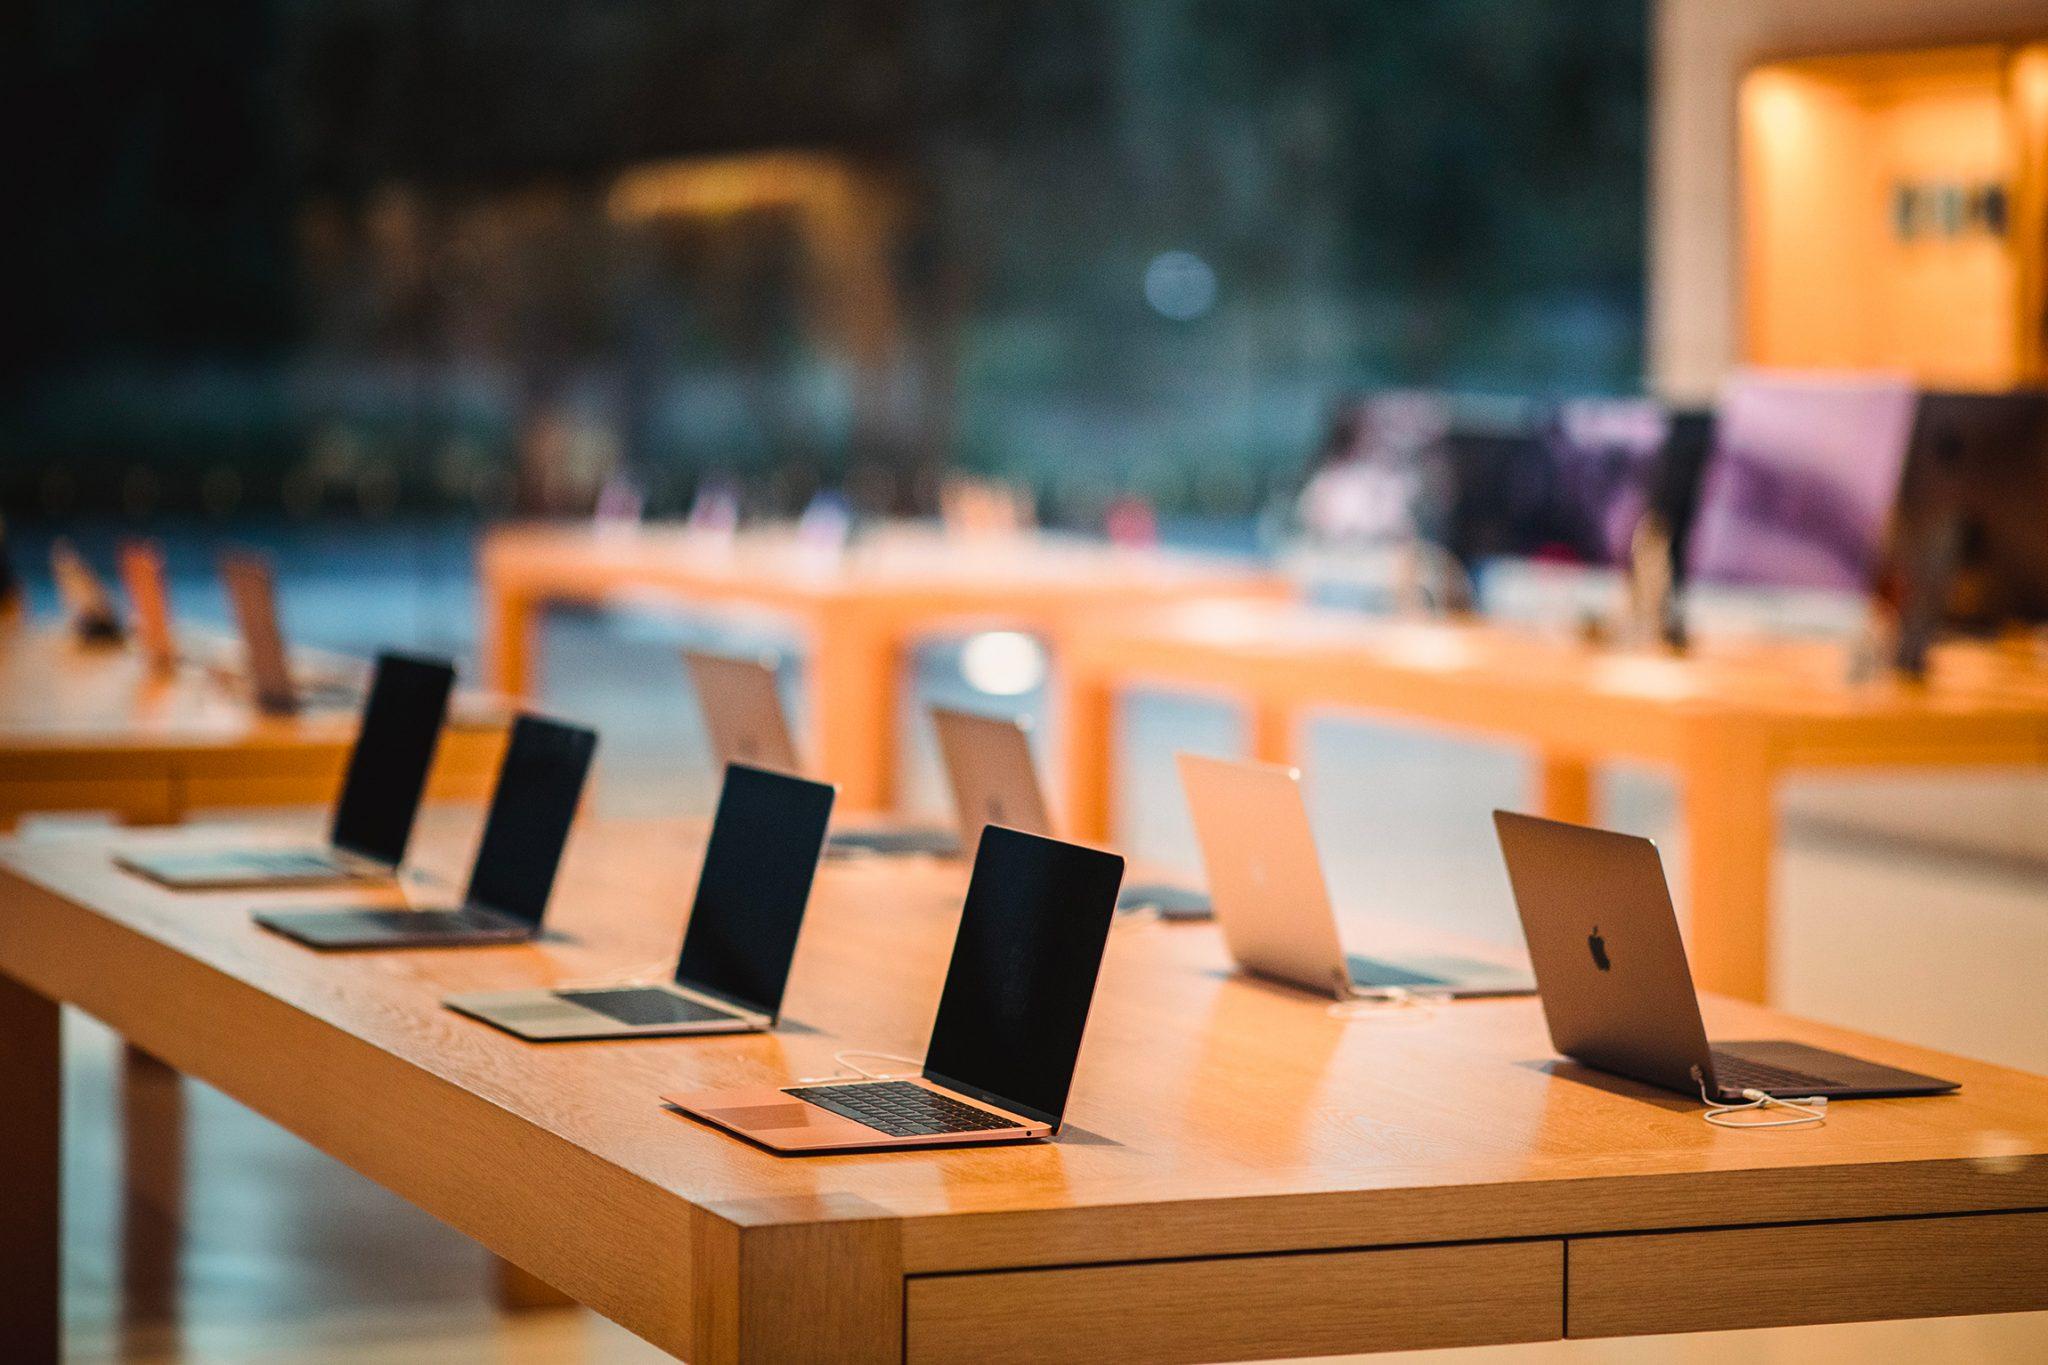 Riparazione Mac, iPhone, PC e Smartphone Android durante Coronavirus